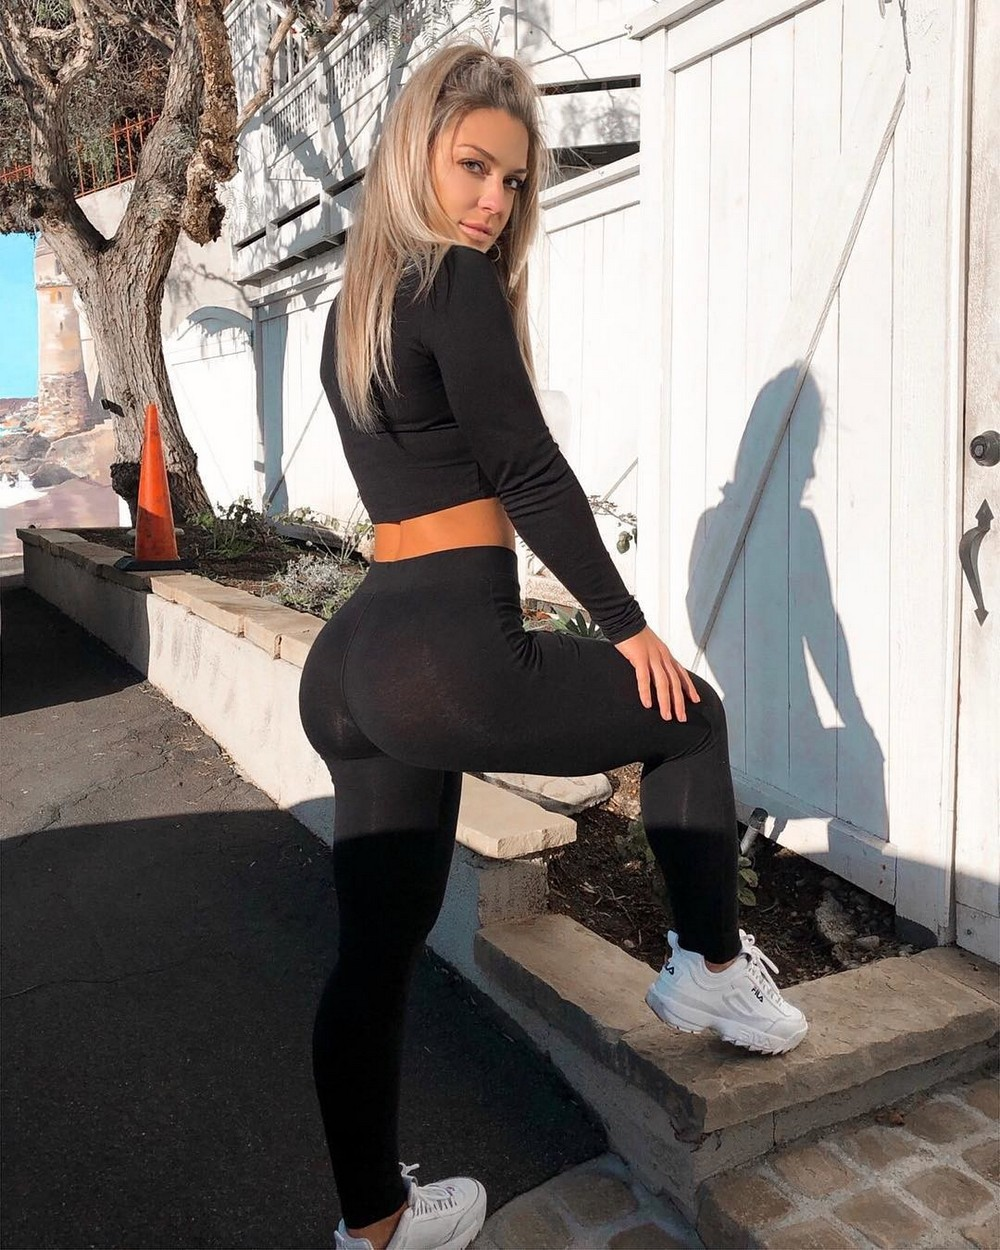 Красивые девушки в в спортивной форме. Девушки